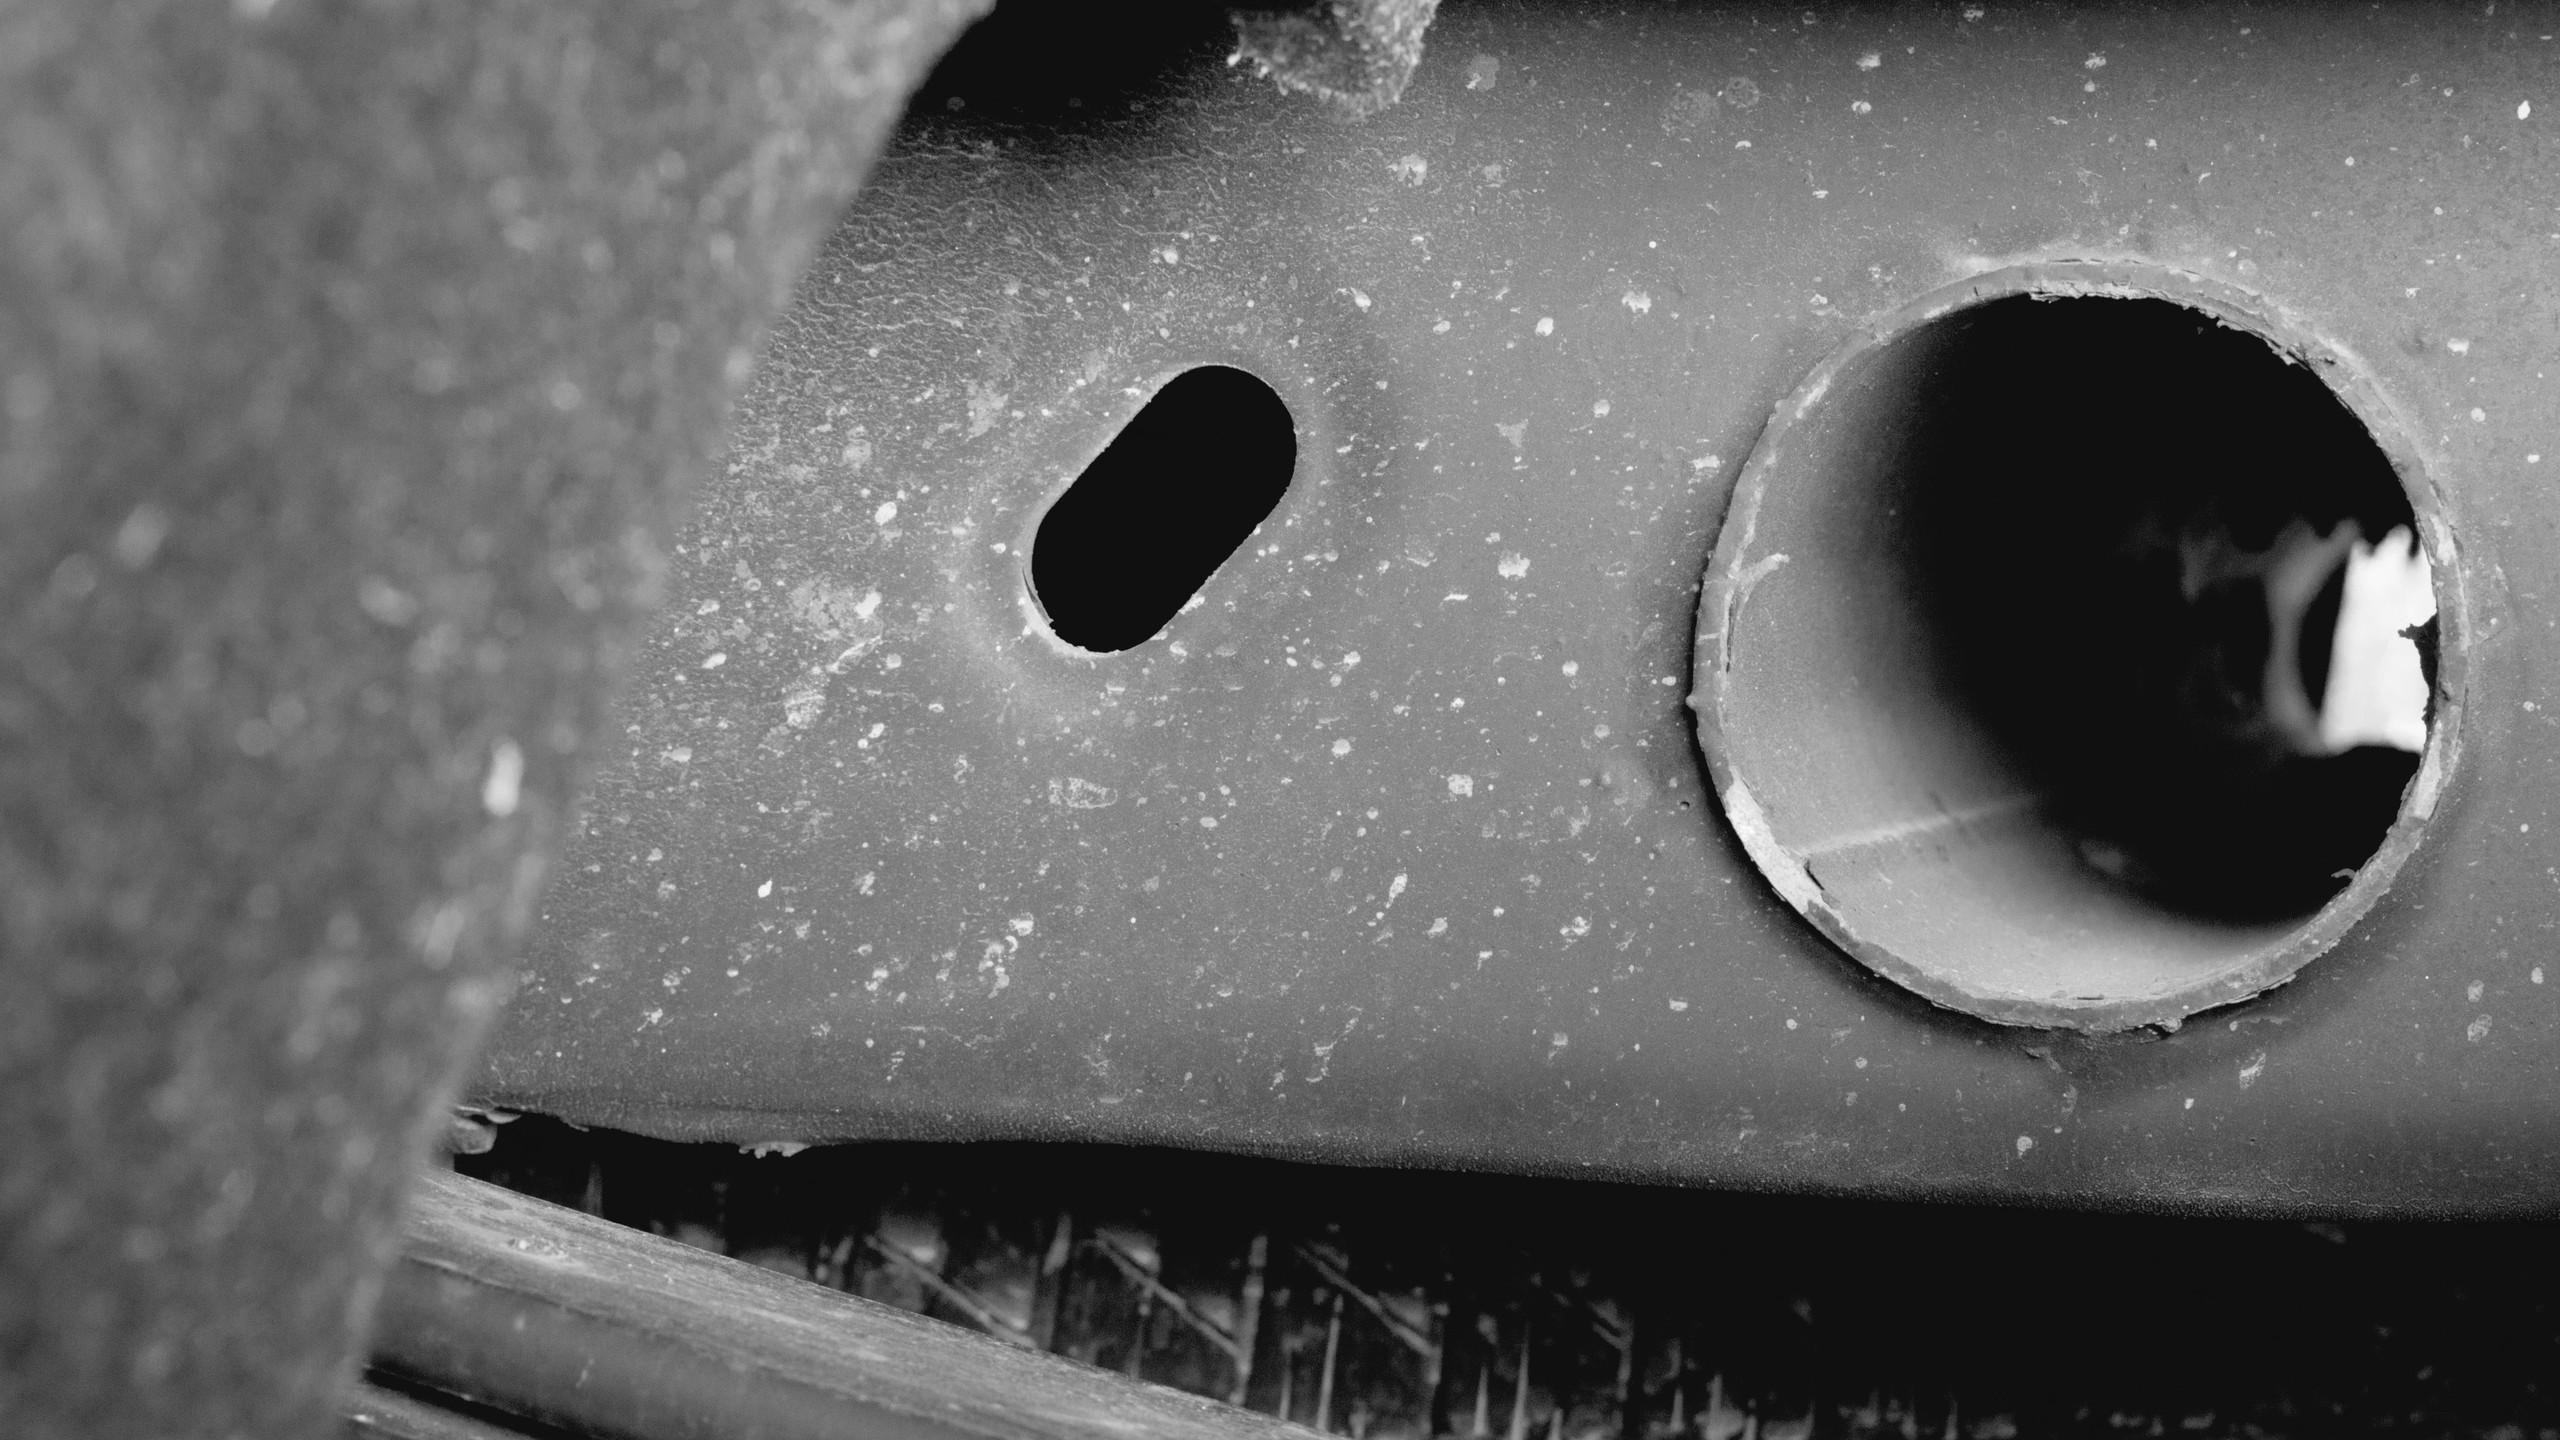 Friday's Tears | Hole 2 Heavy | A modern art photograph called Hole 2 Heavy